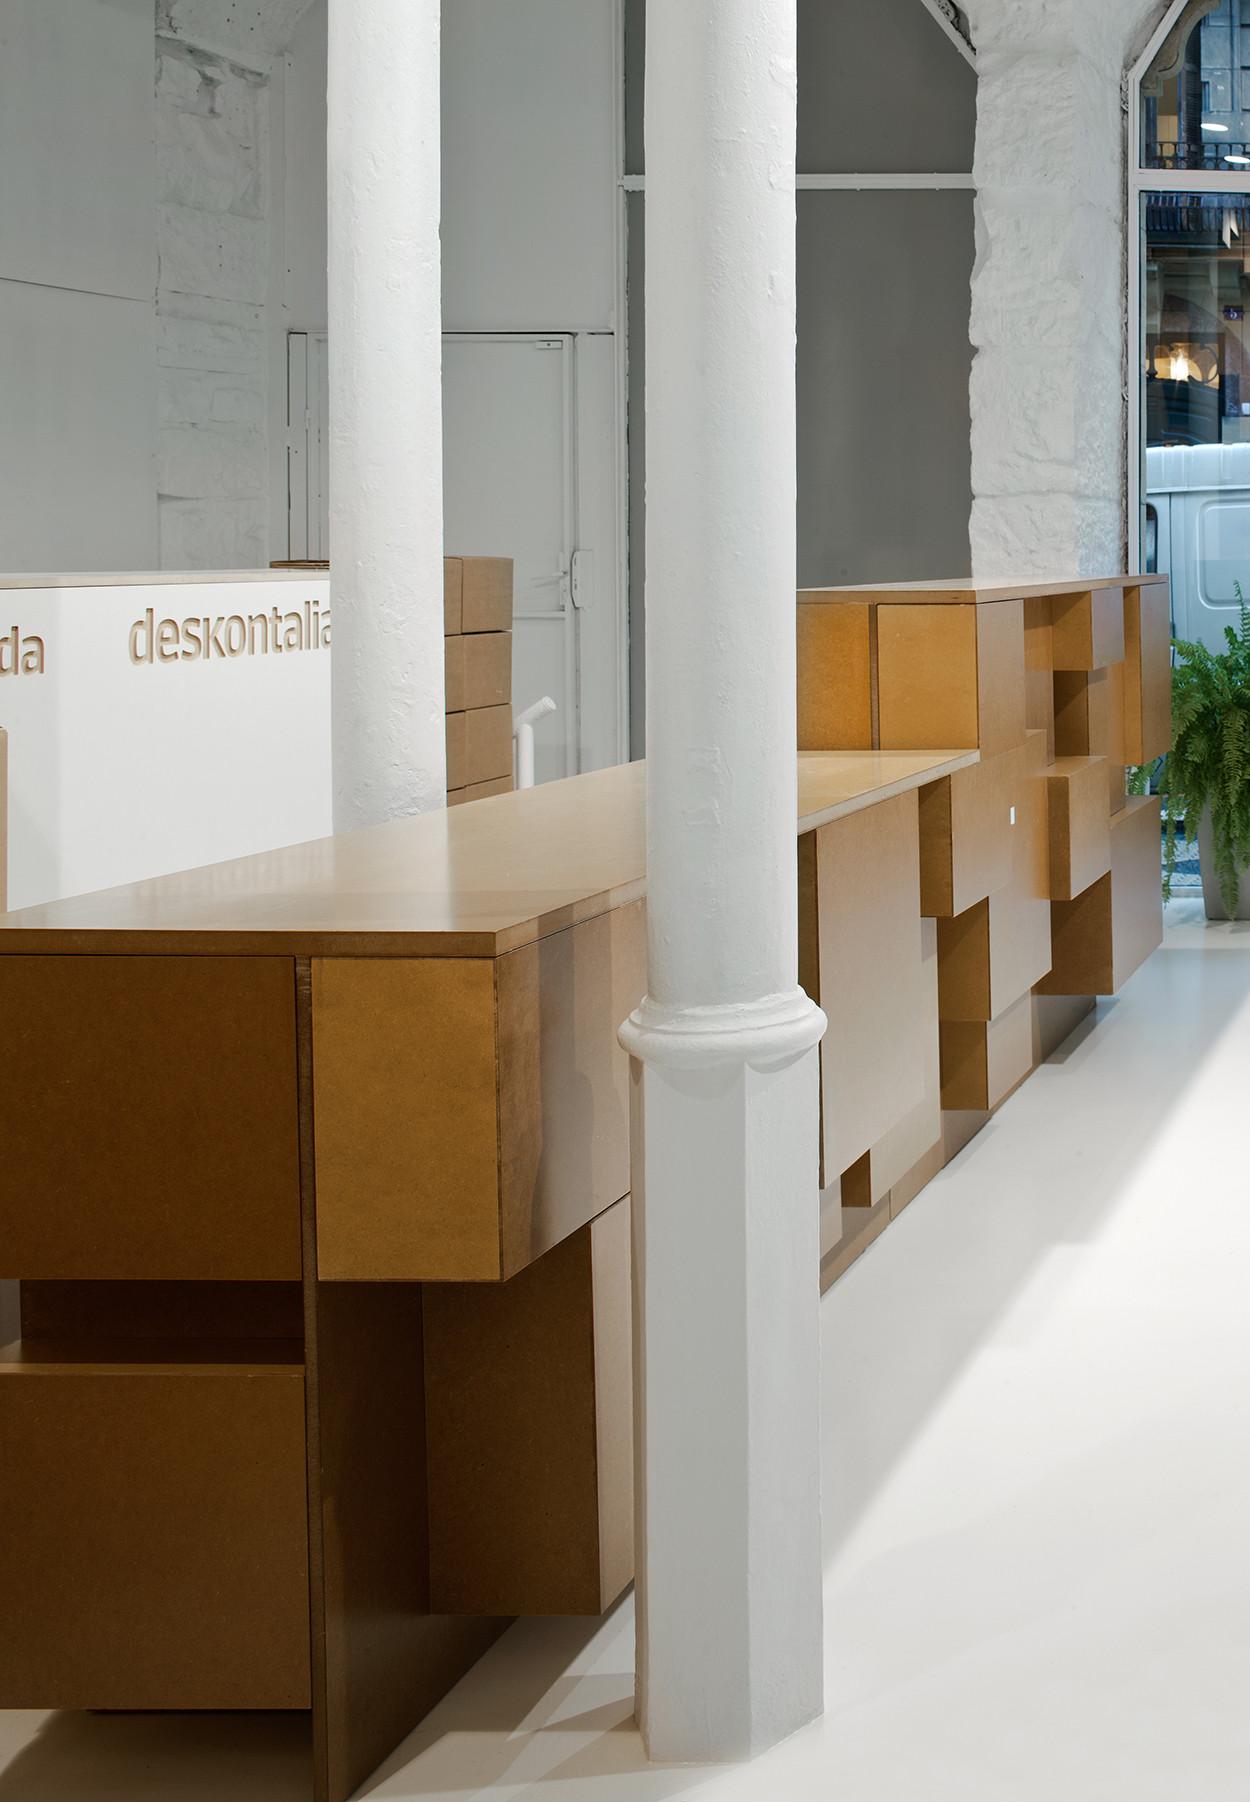 Deskontalia Store / VAUMM